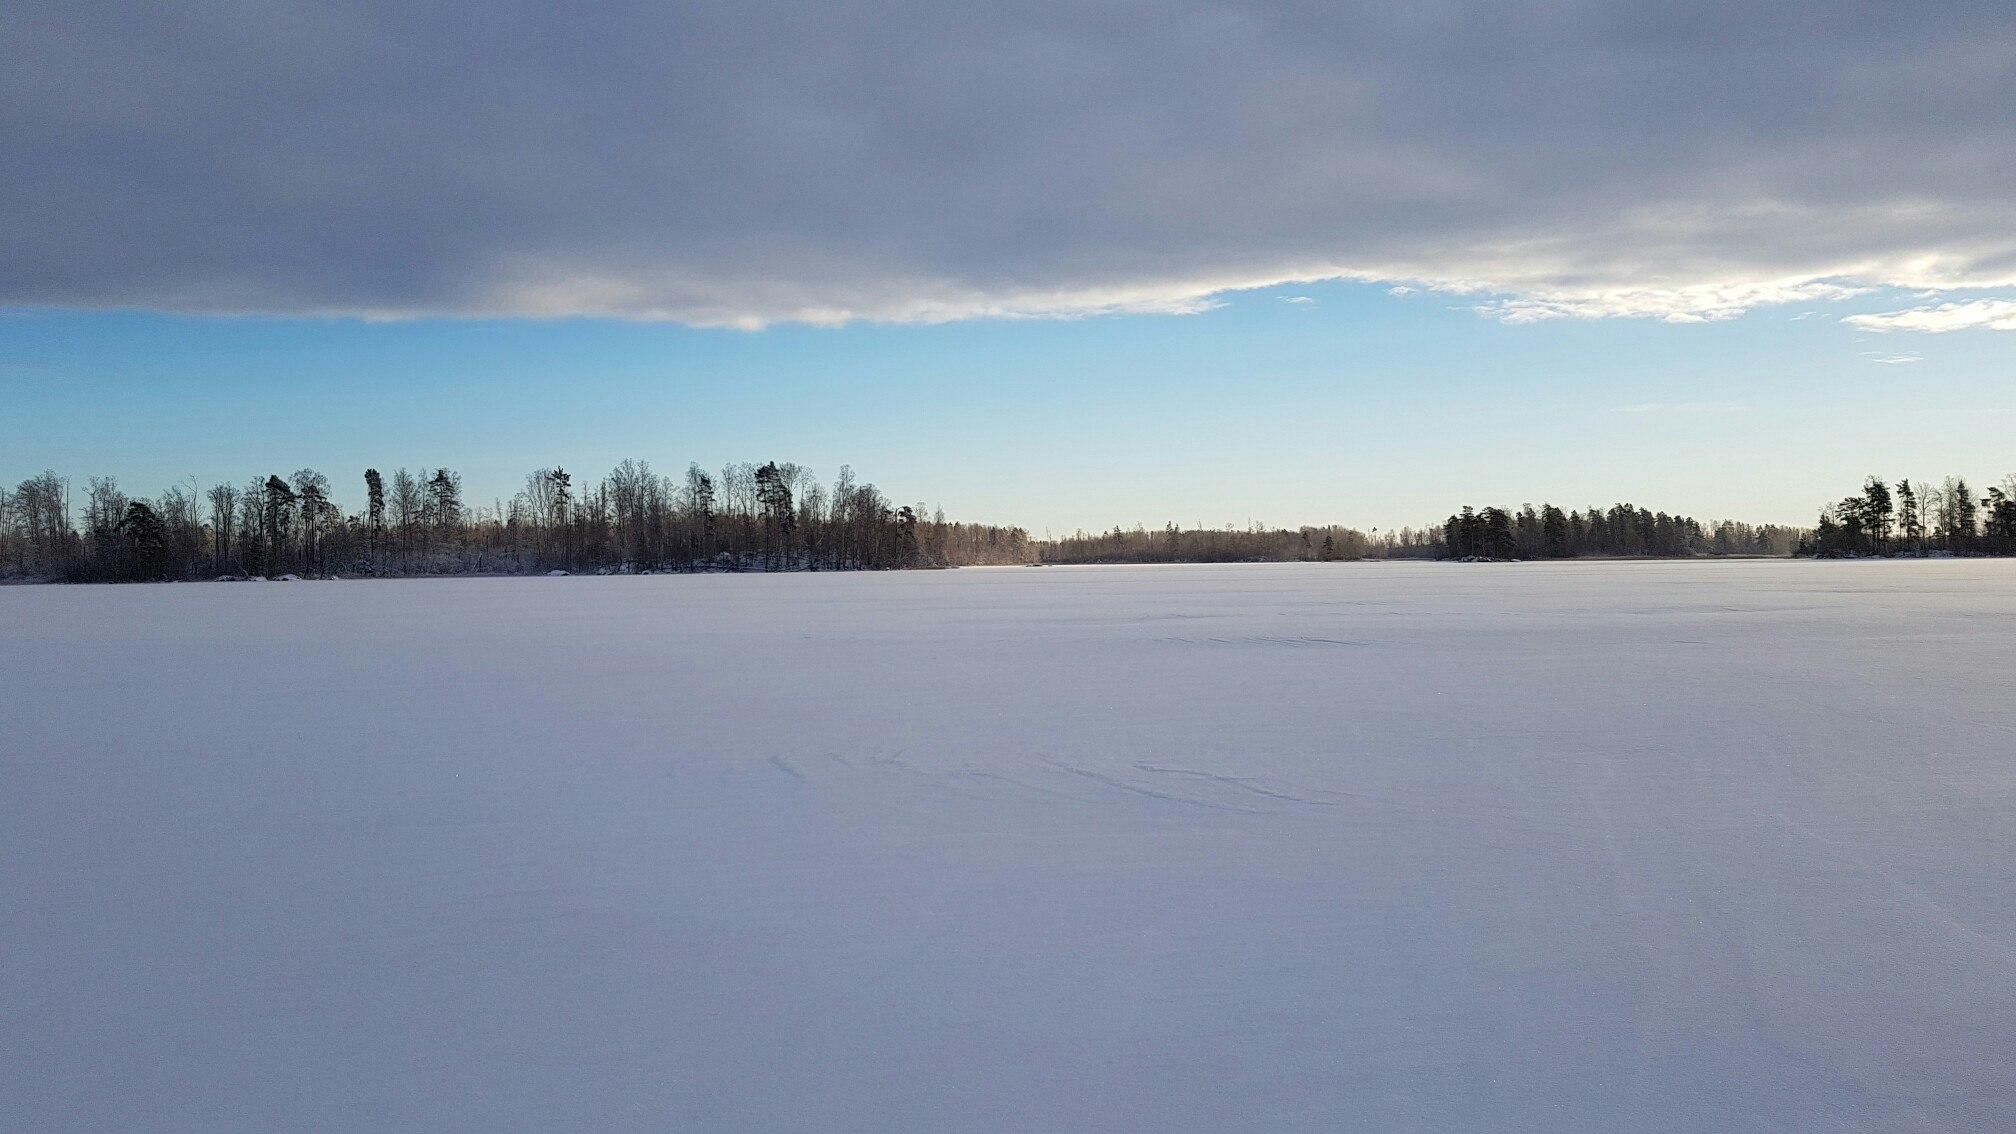 ozero-vuoksa-zima